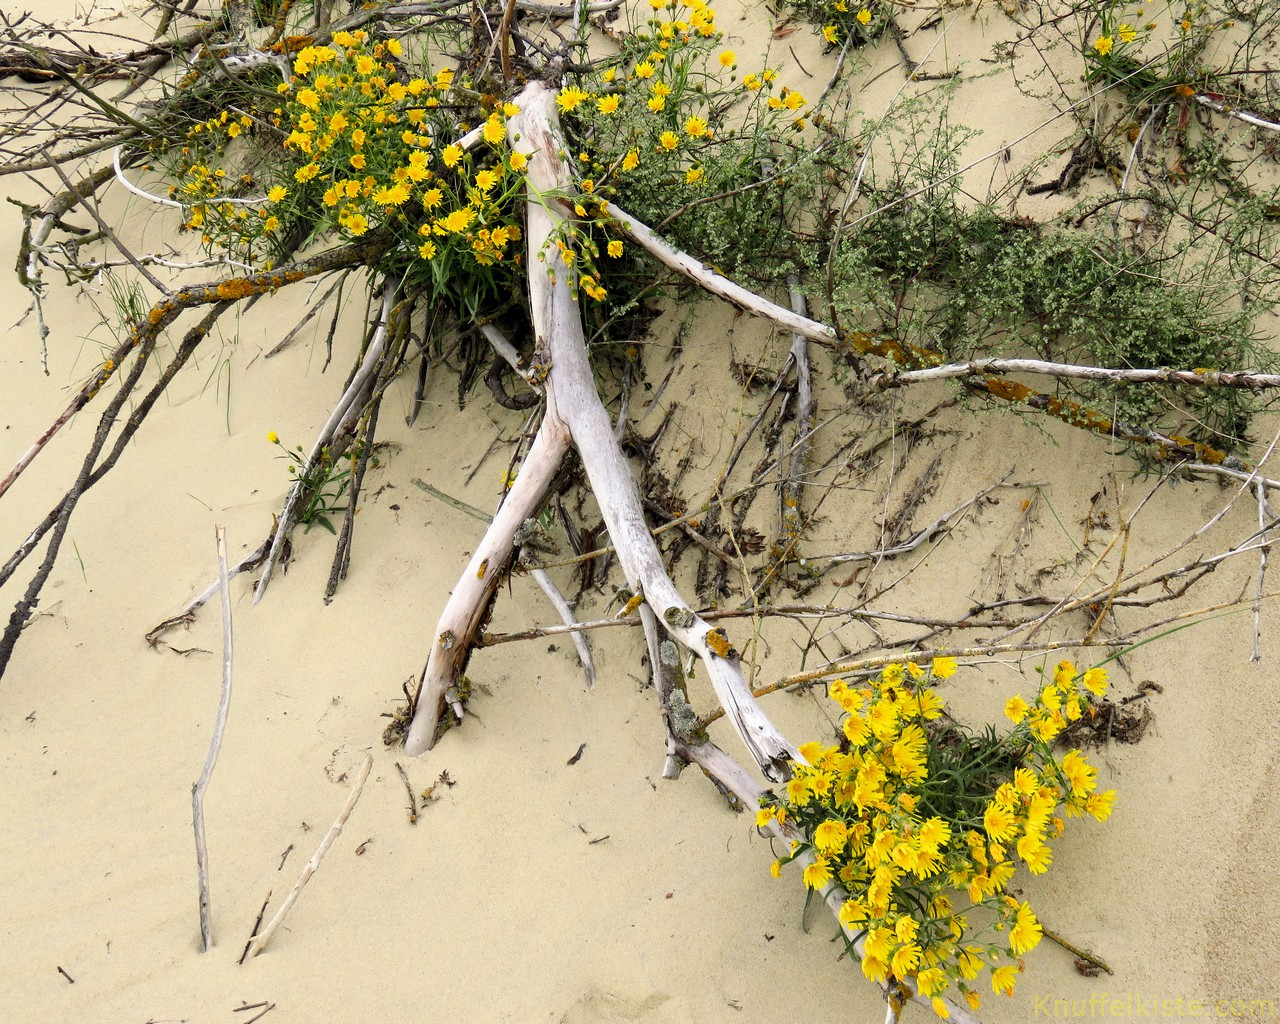 sogar Pflanzen wachsen im Sand!